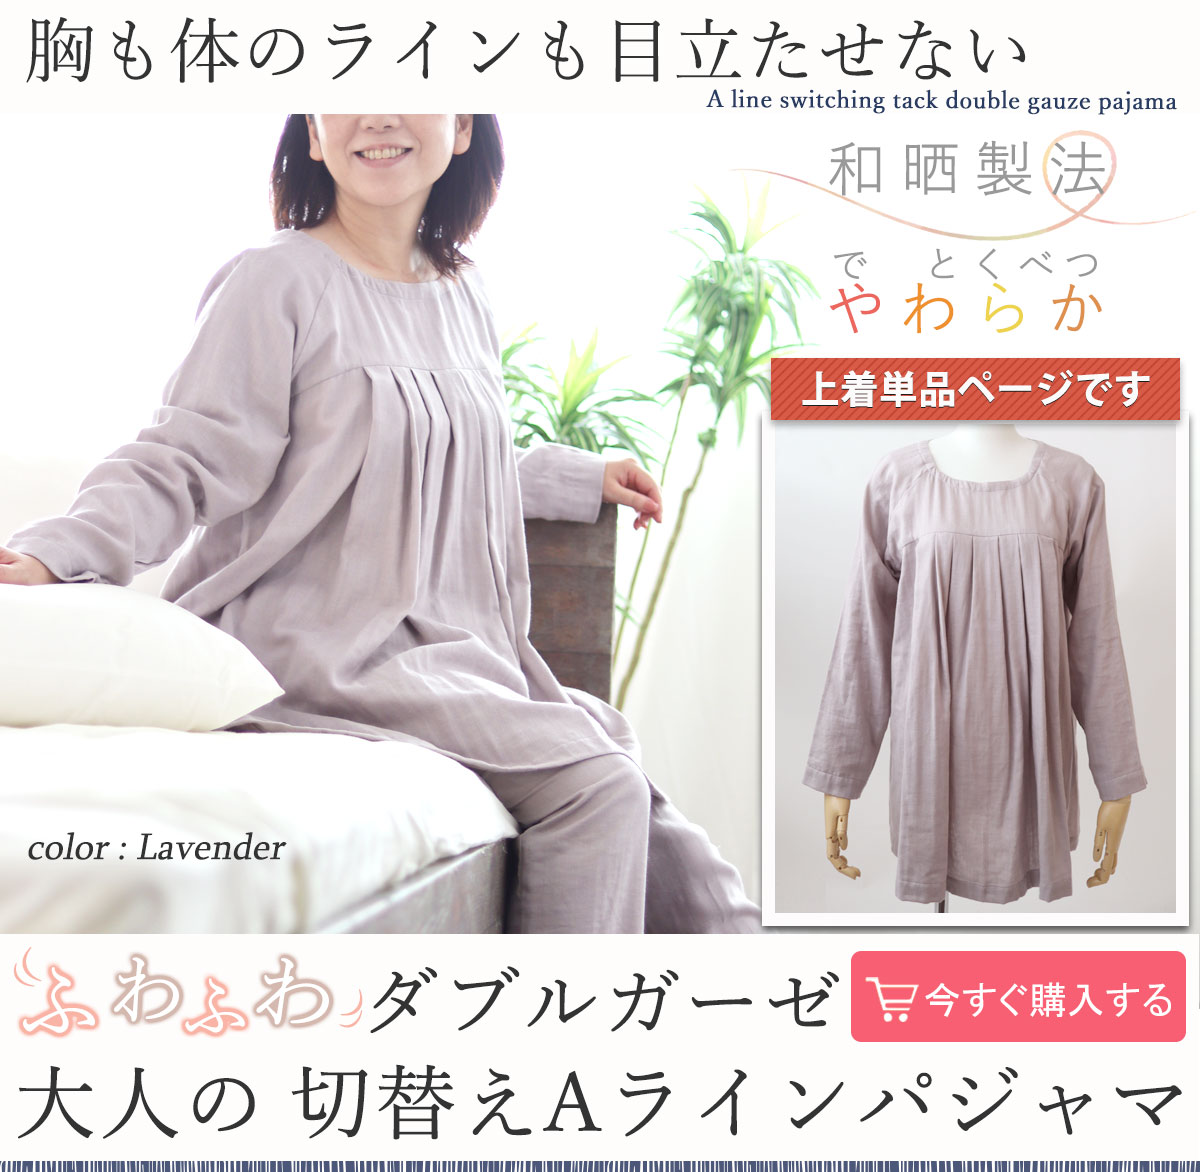 ダブルガーゼAラインタックパジャマ上着単品